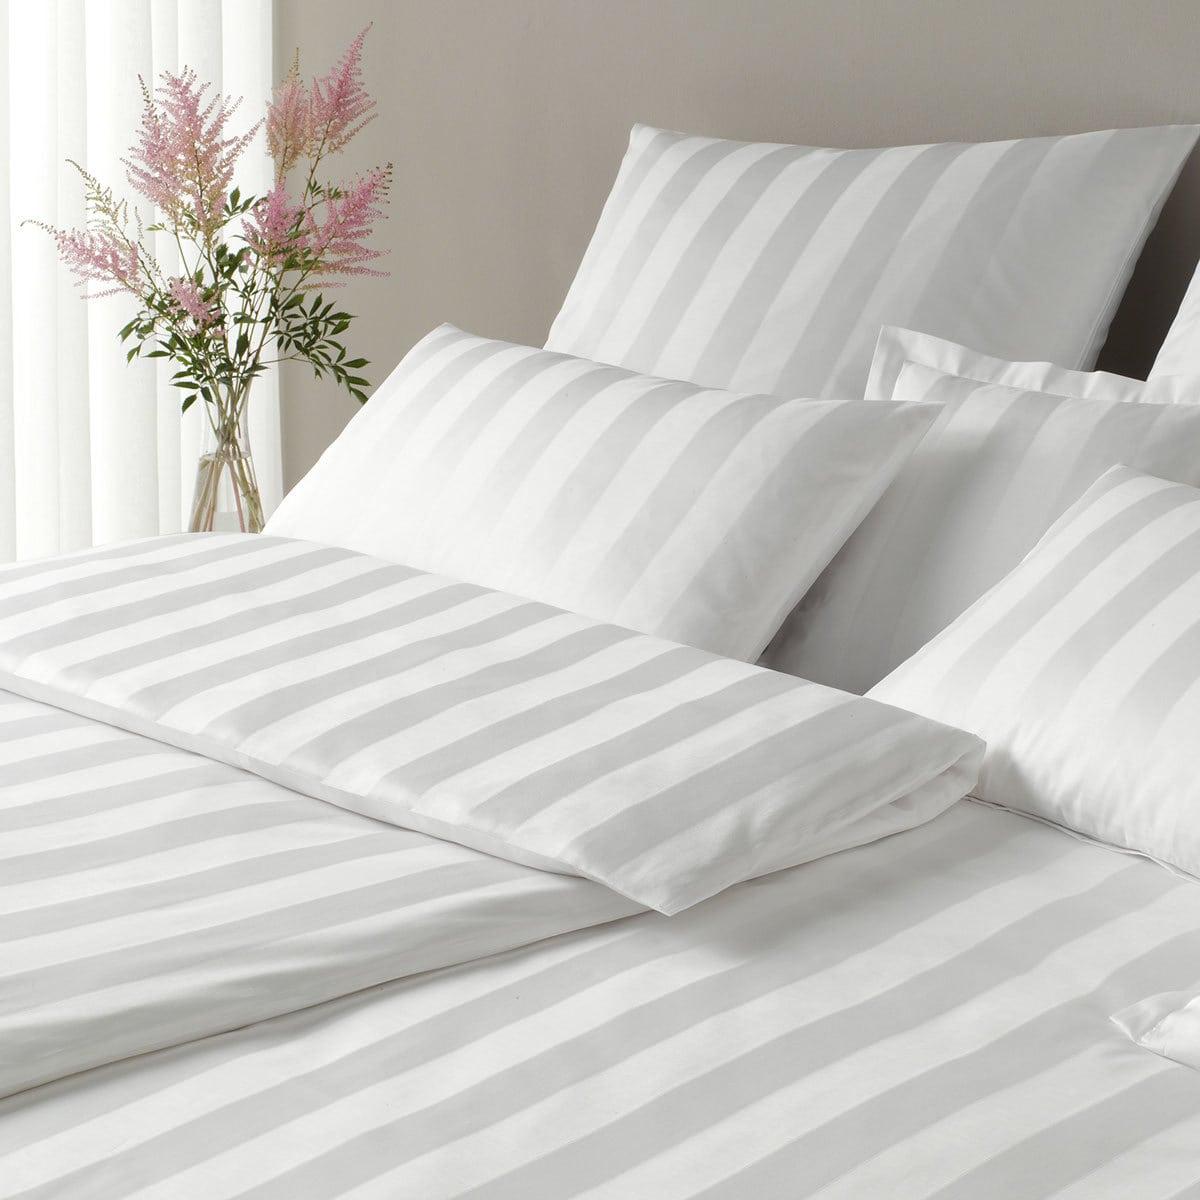 mako satin wei preisvergleich die besten angebote online kaufen. Black Bedroom Furniture Sets. Home Design Ideas